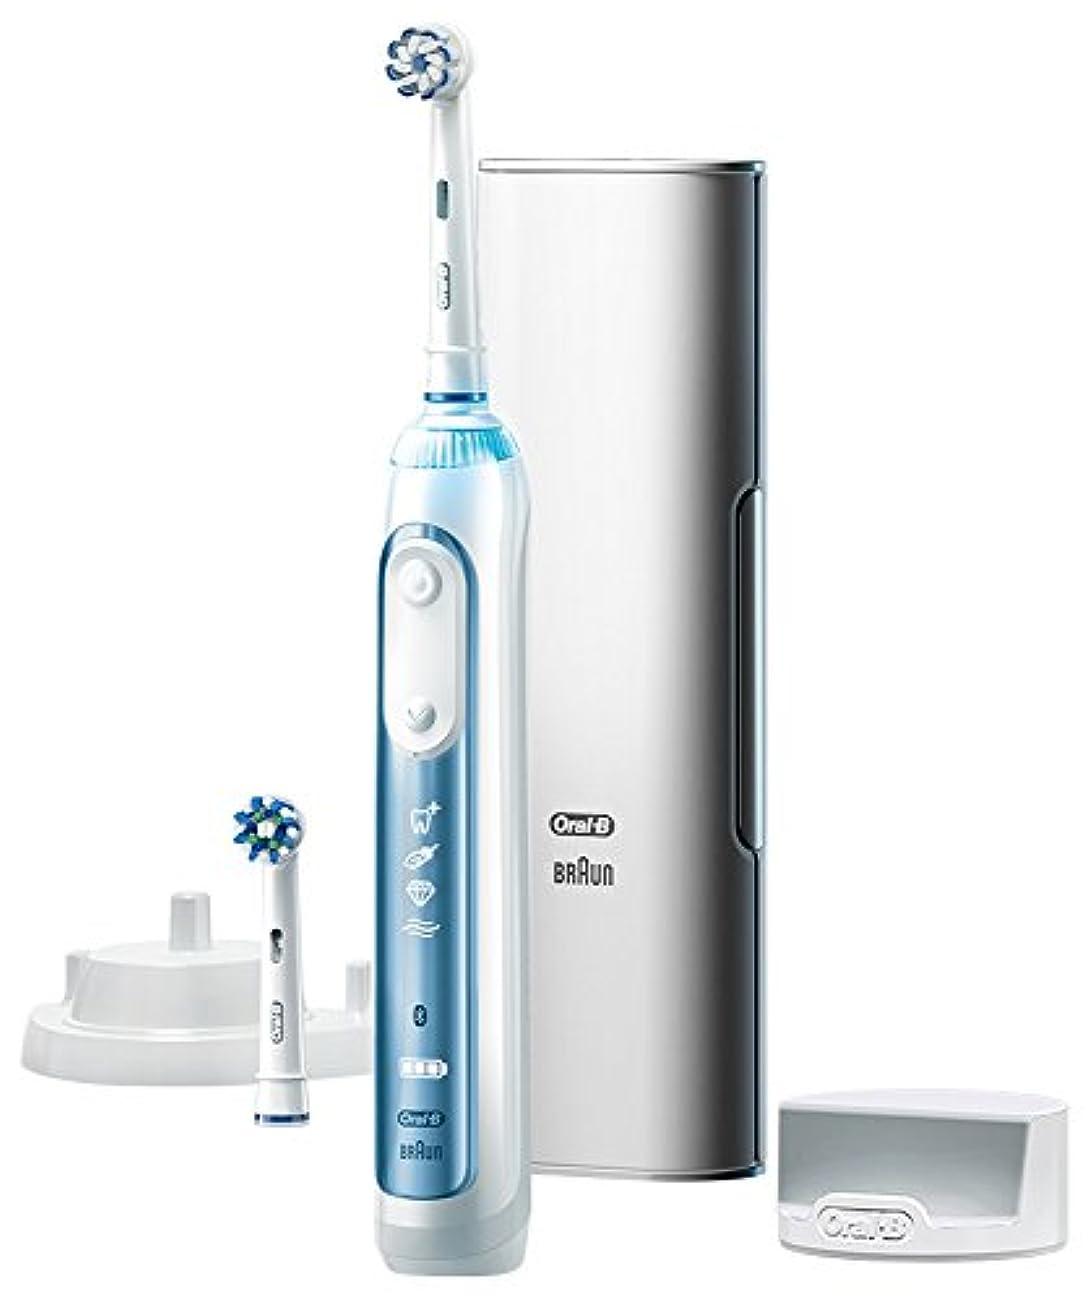 肥料倍増コカインブラウン オーラルB 電動歯ブラシ スマート7000 D7005245XP D7005245XP